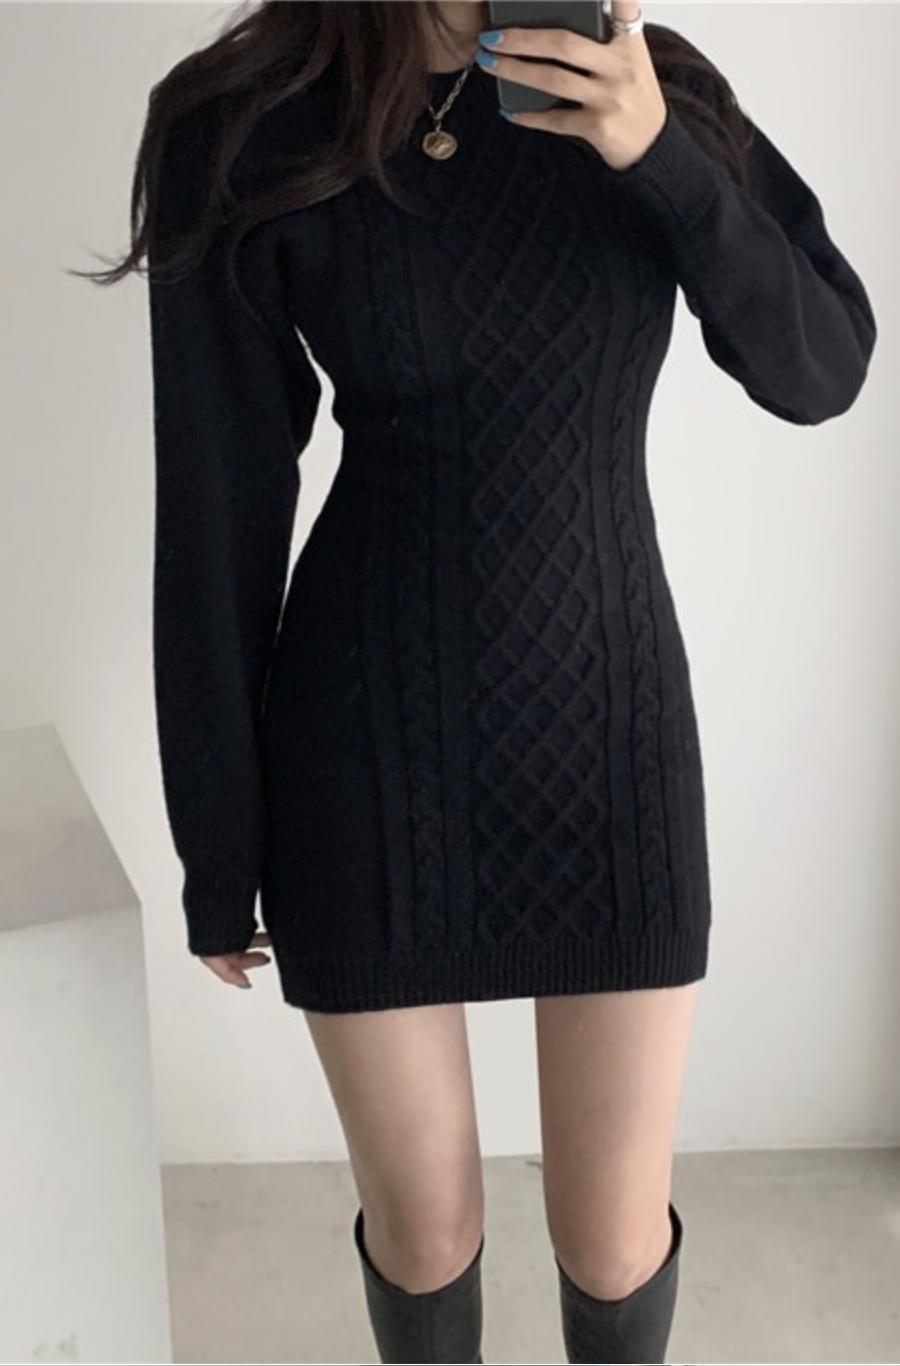 Dress Condotti